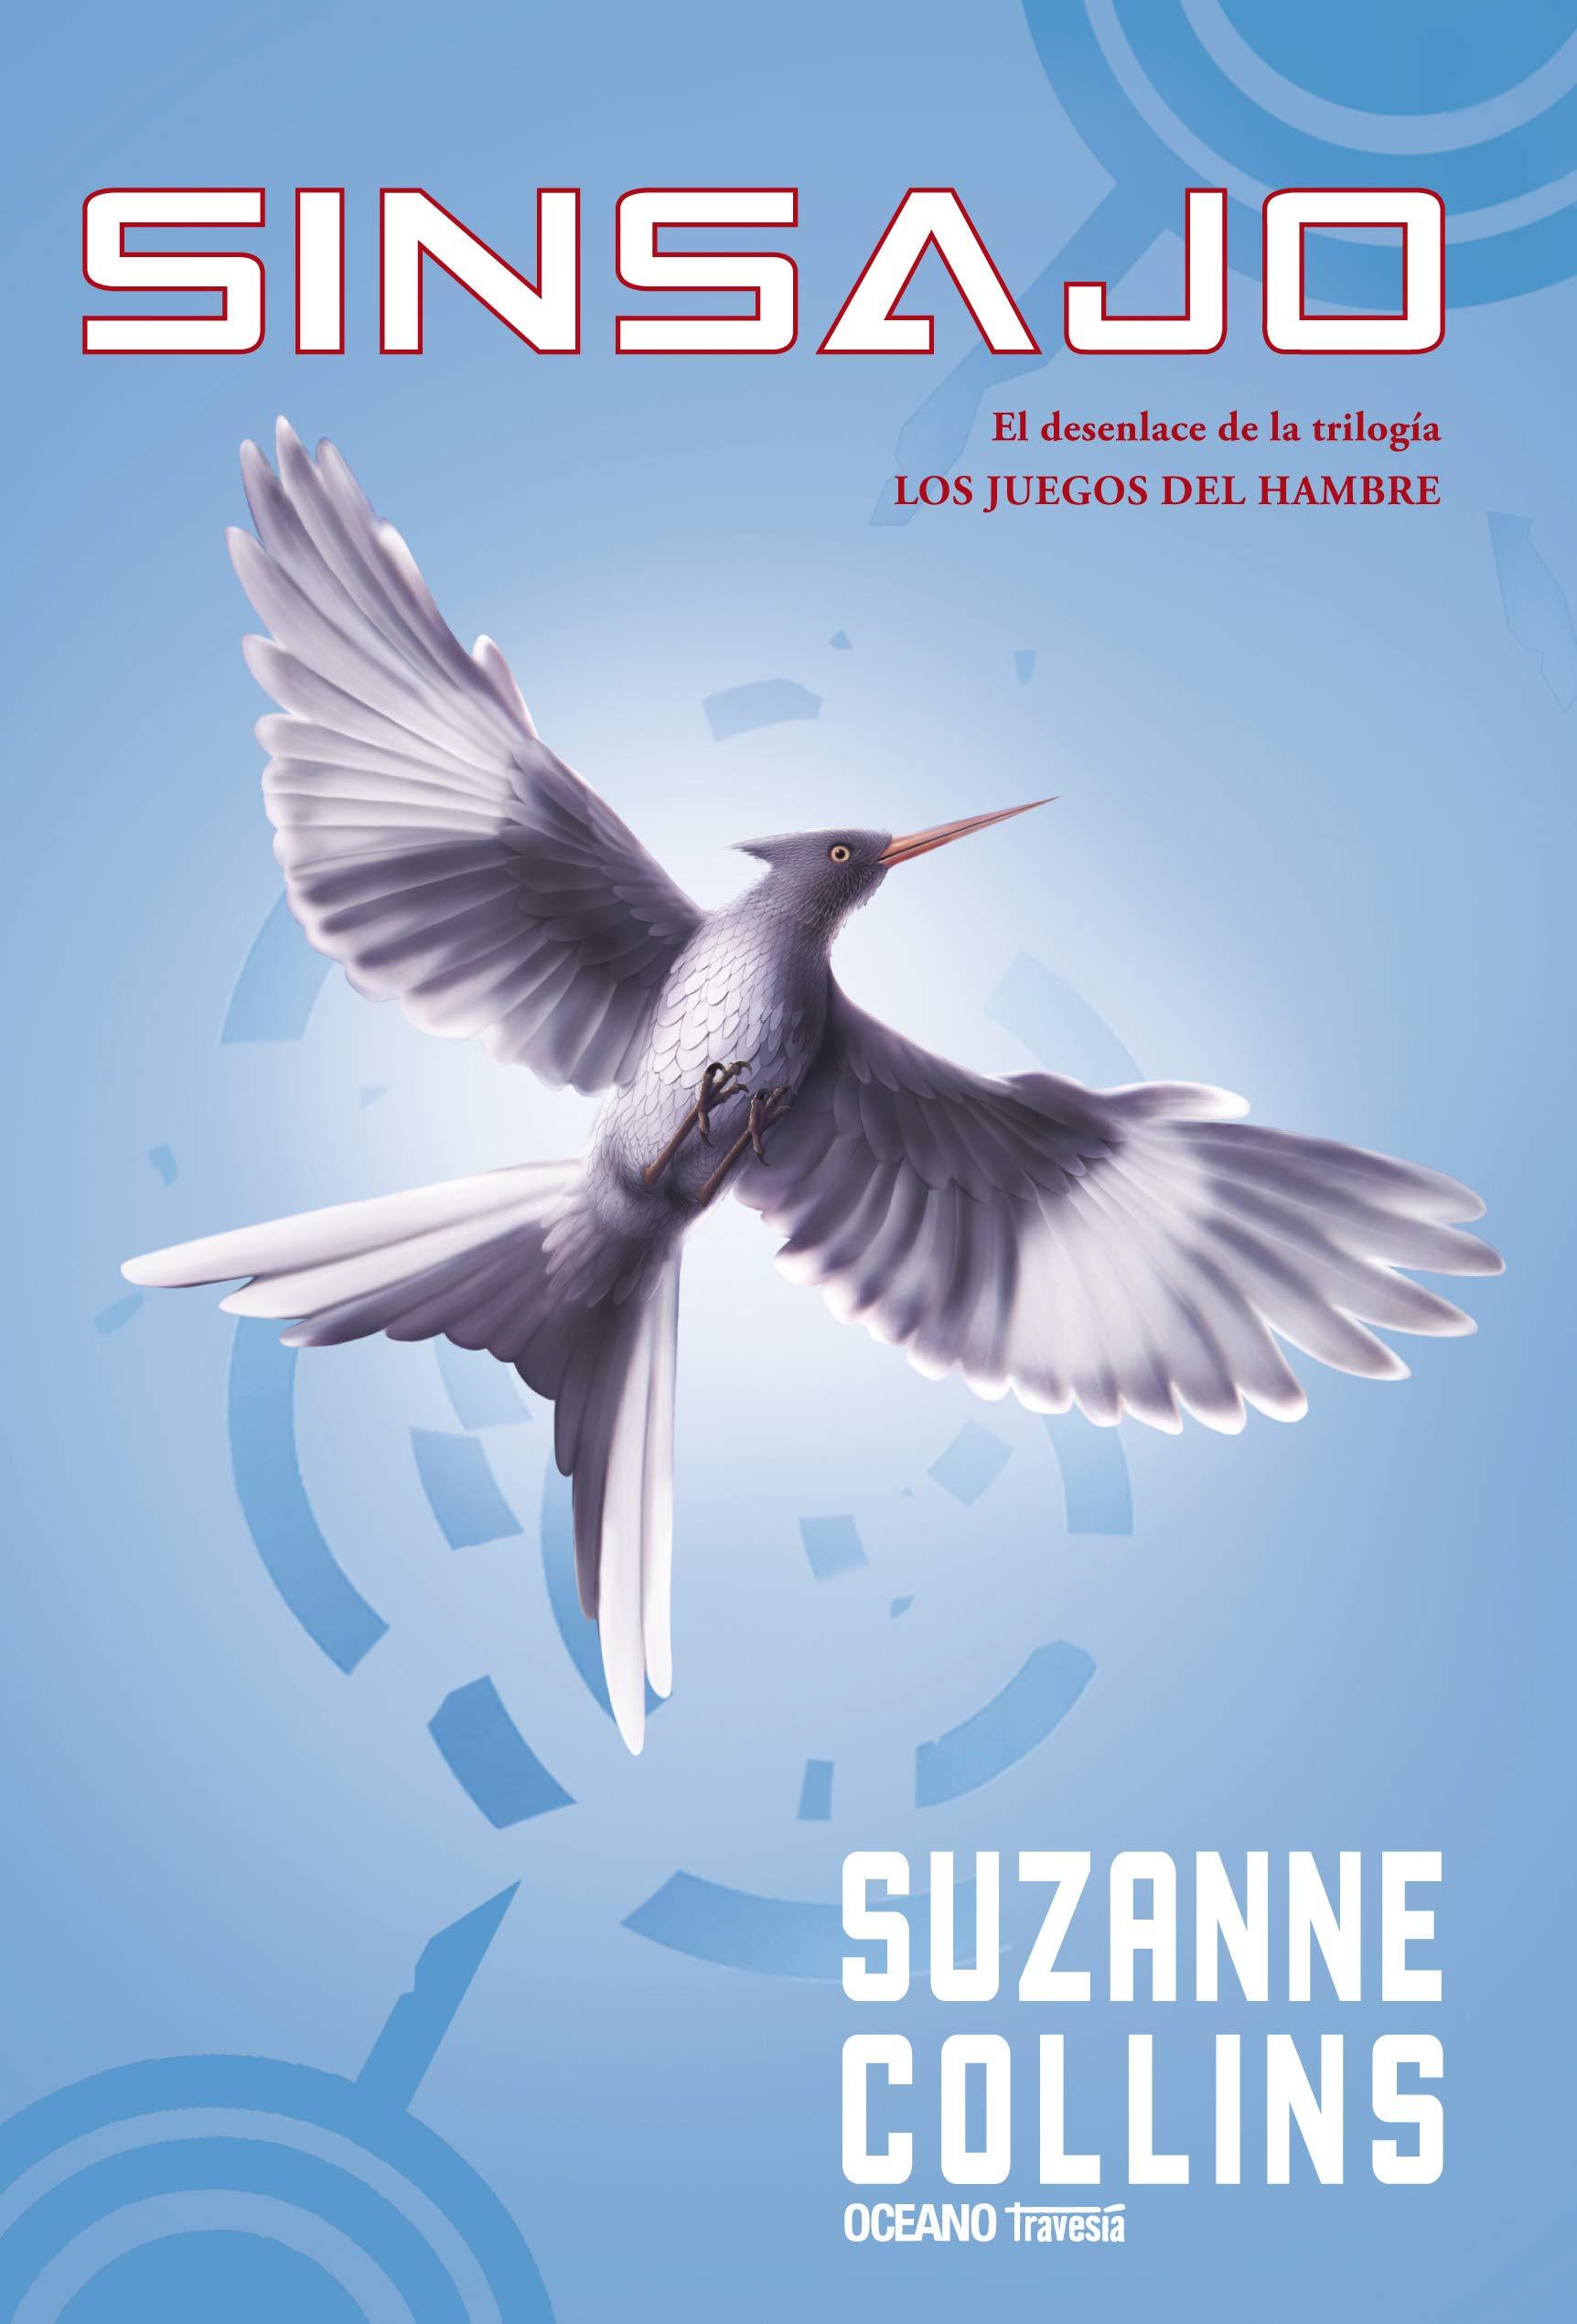 sinsaj: Amazon.es: Libros